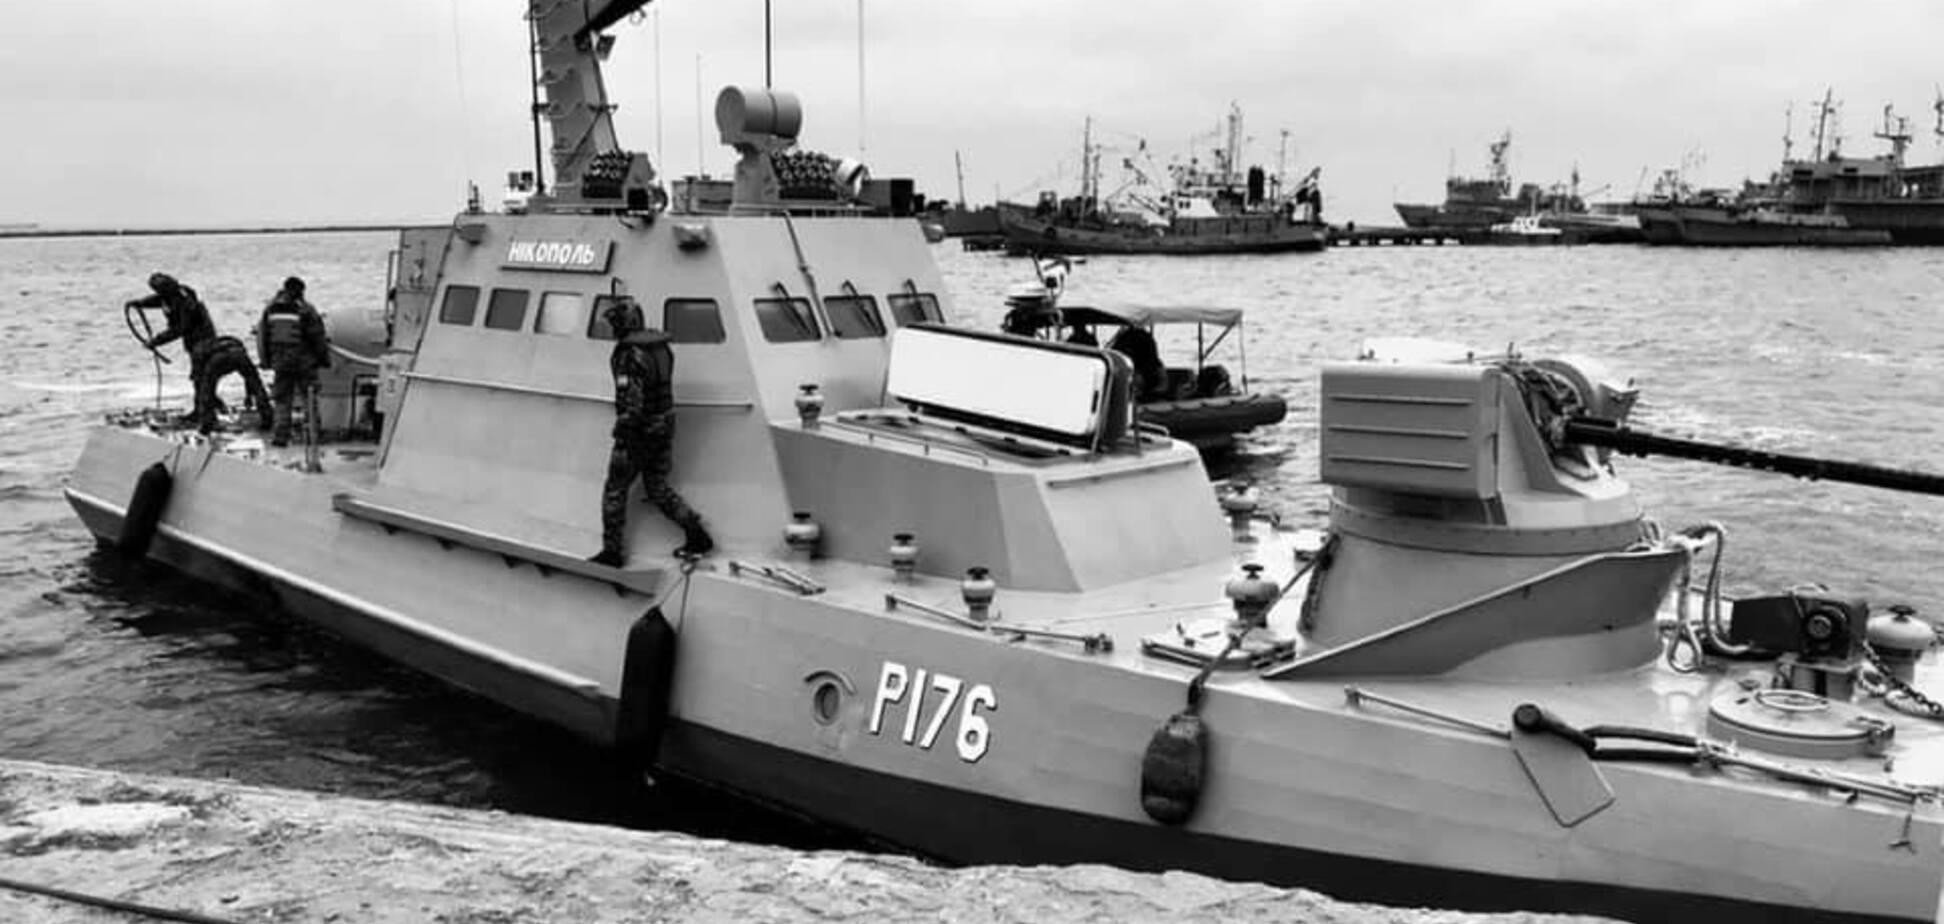 Появился полный список грабежа РФ на украинских кораблях